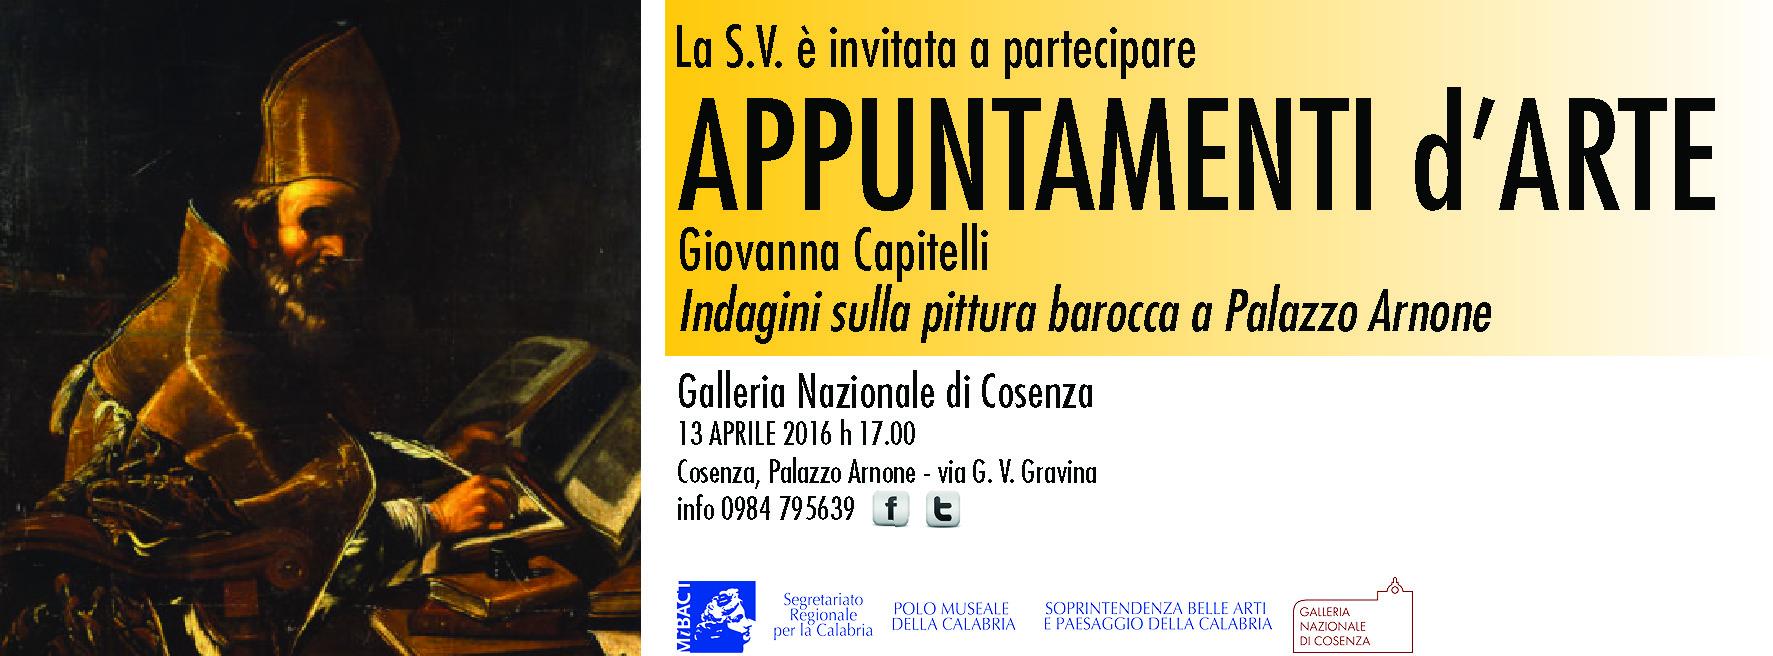 Cosenza, 13 aprile 2016: Indagini sulla pittura barocca a Palazzo Arnone. Conferenza di Giovanna Capitelli